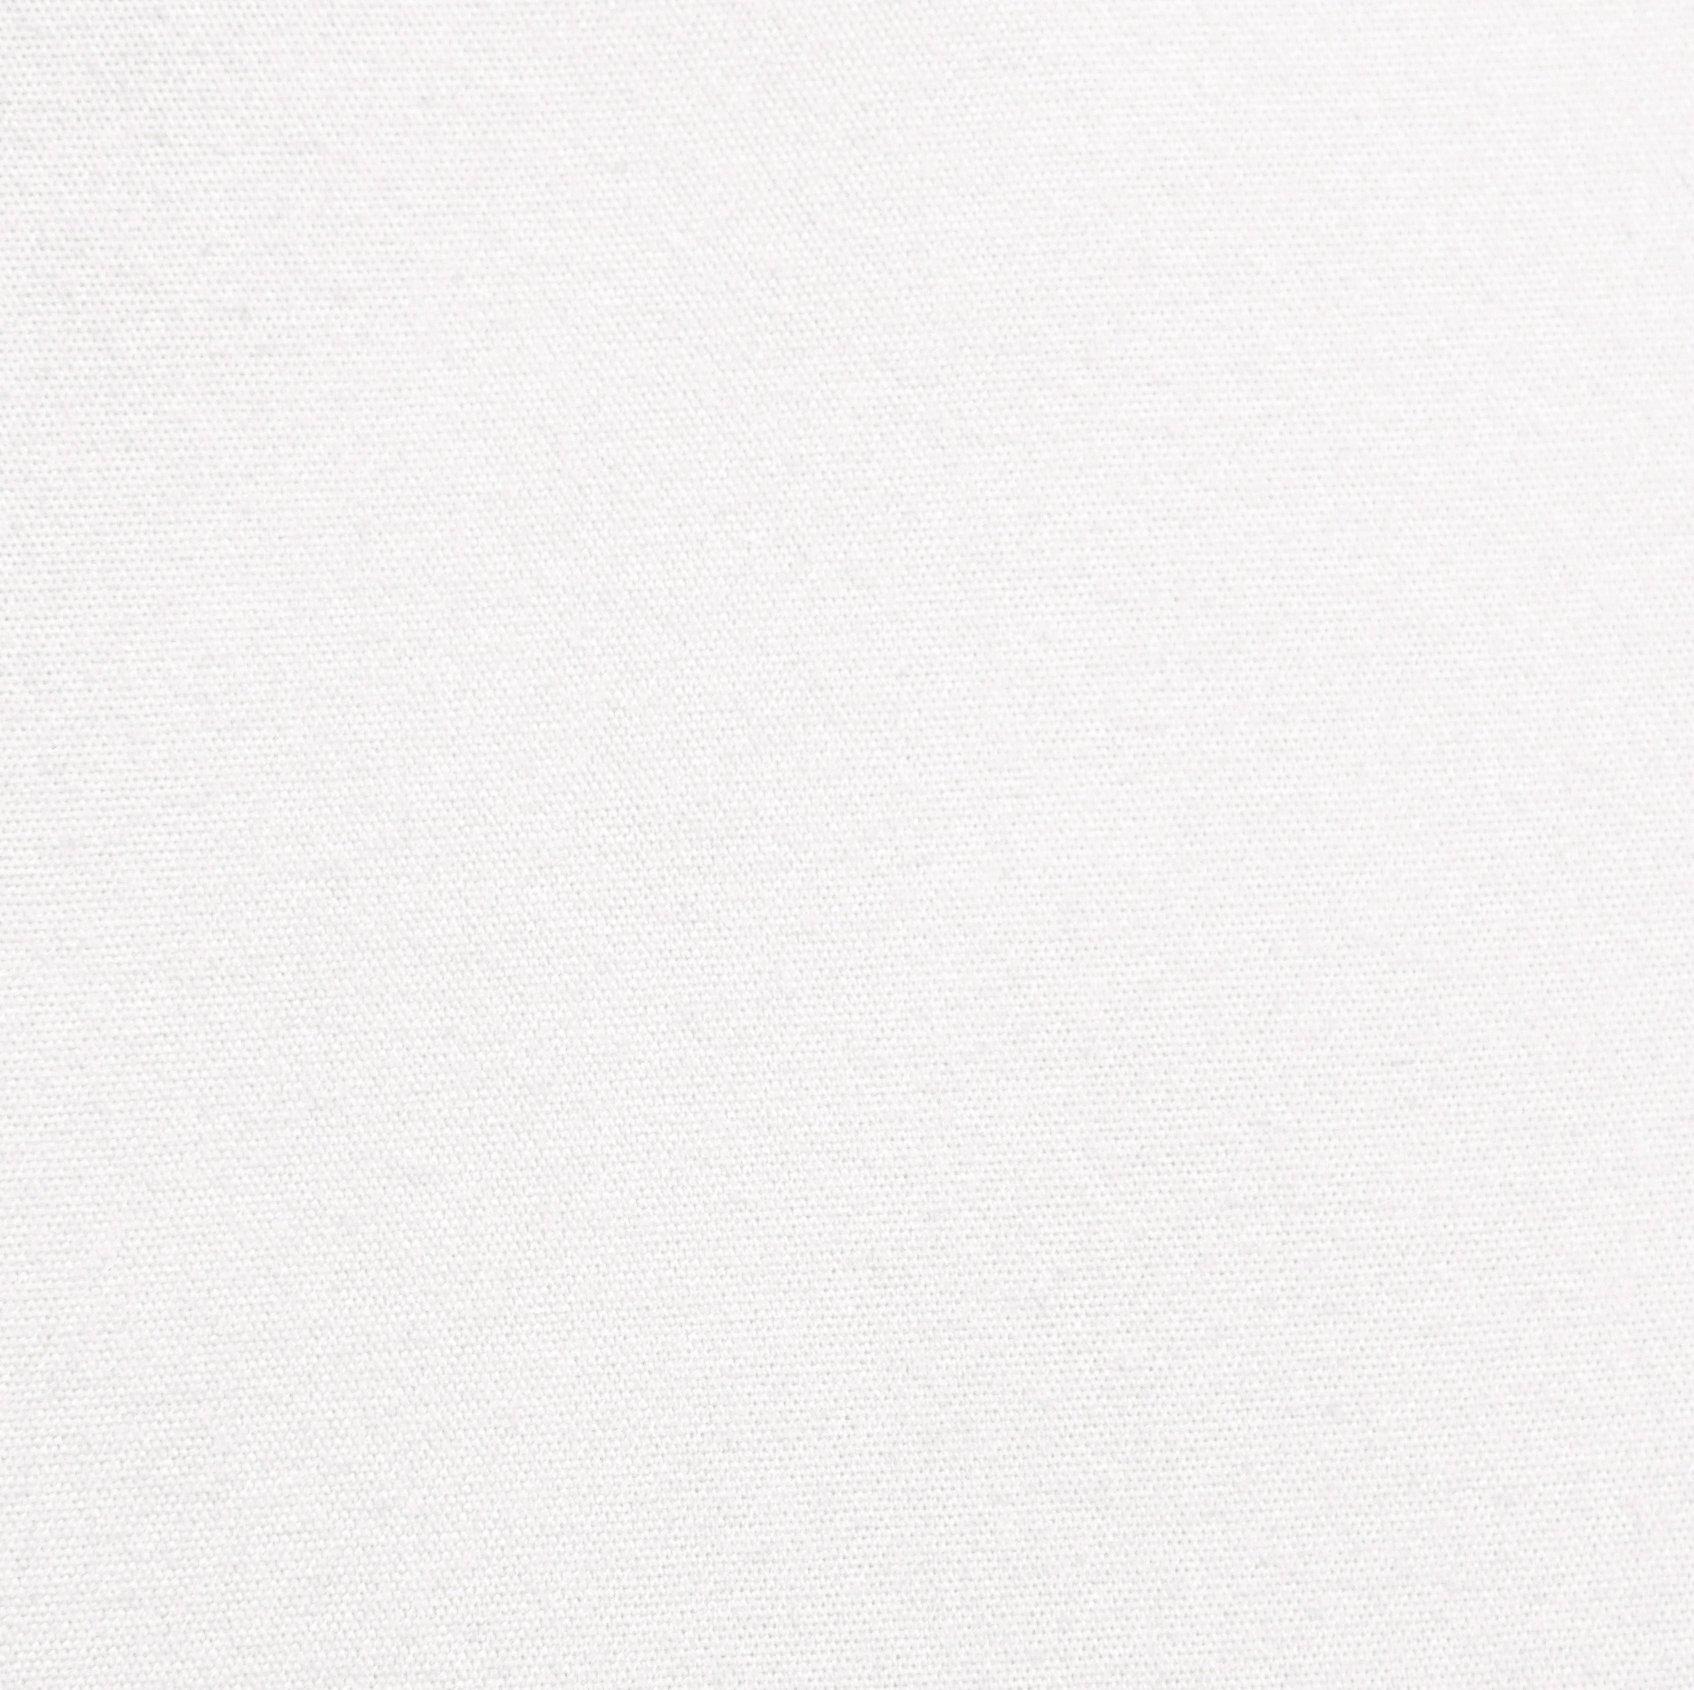 AmazonBasics Essential Cotton Blend Sheet Set -King, White by AmazonBasics (Image #2)